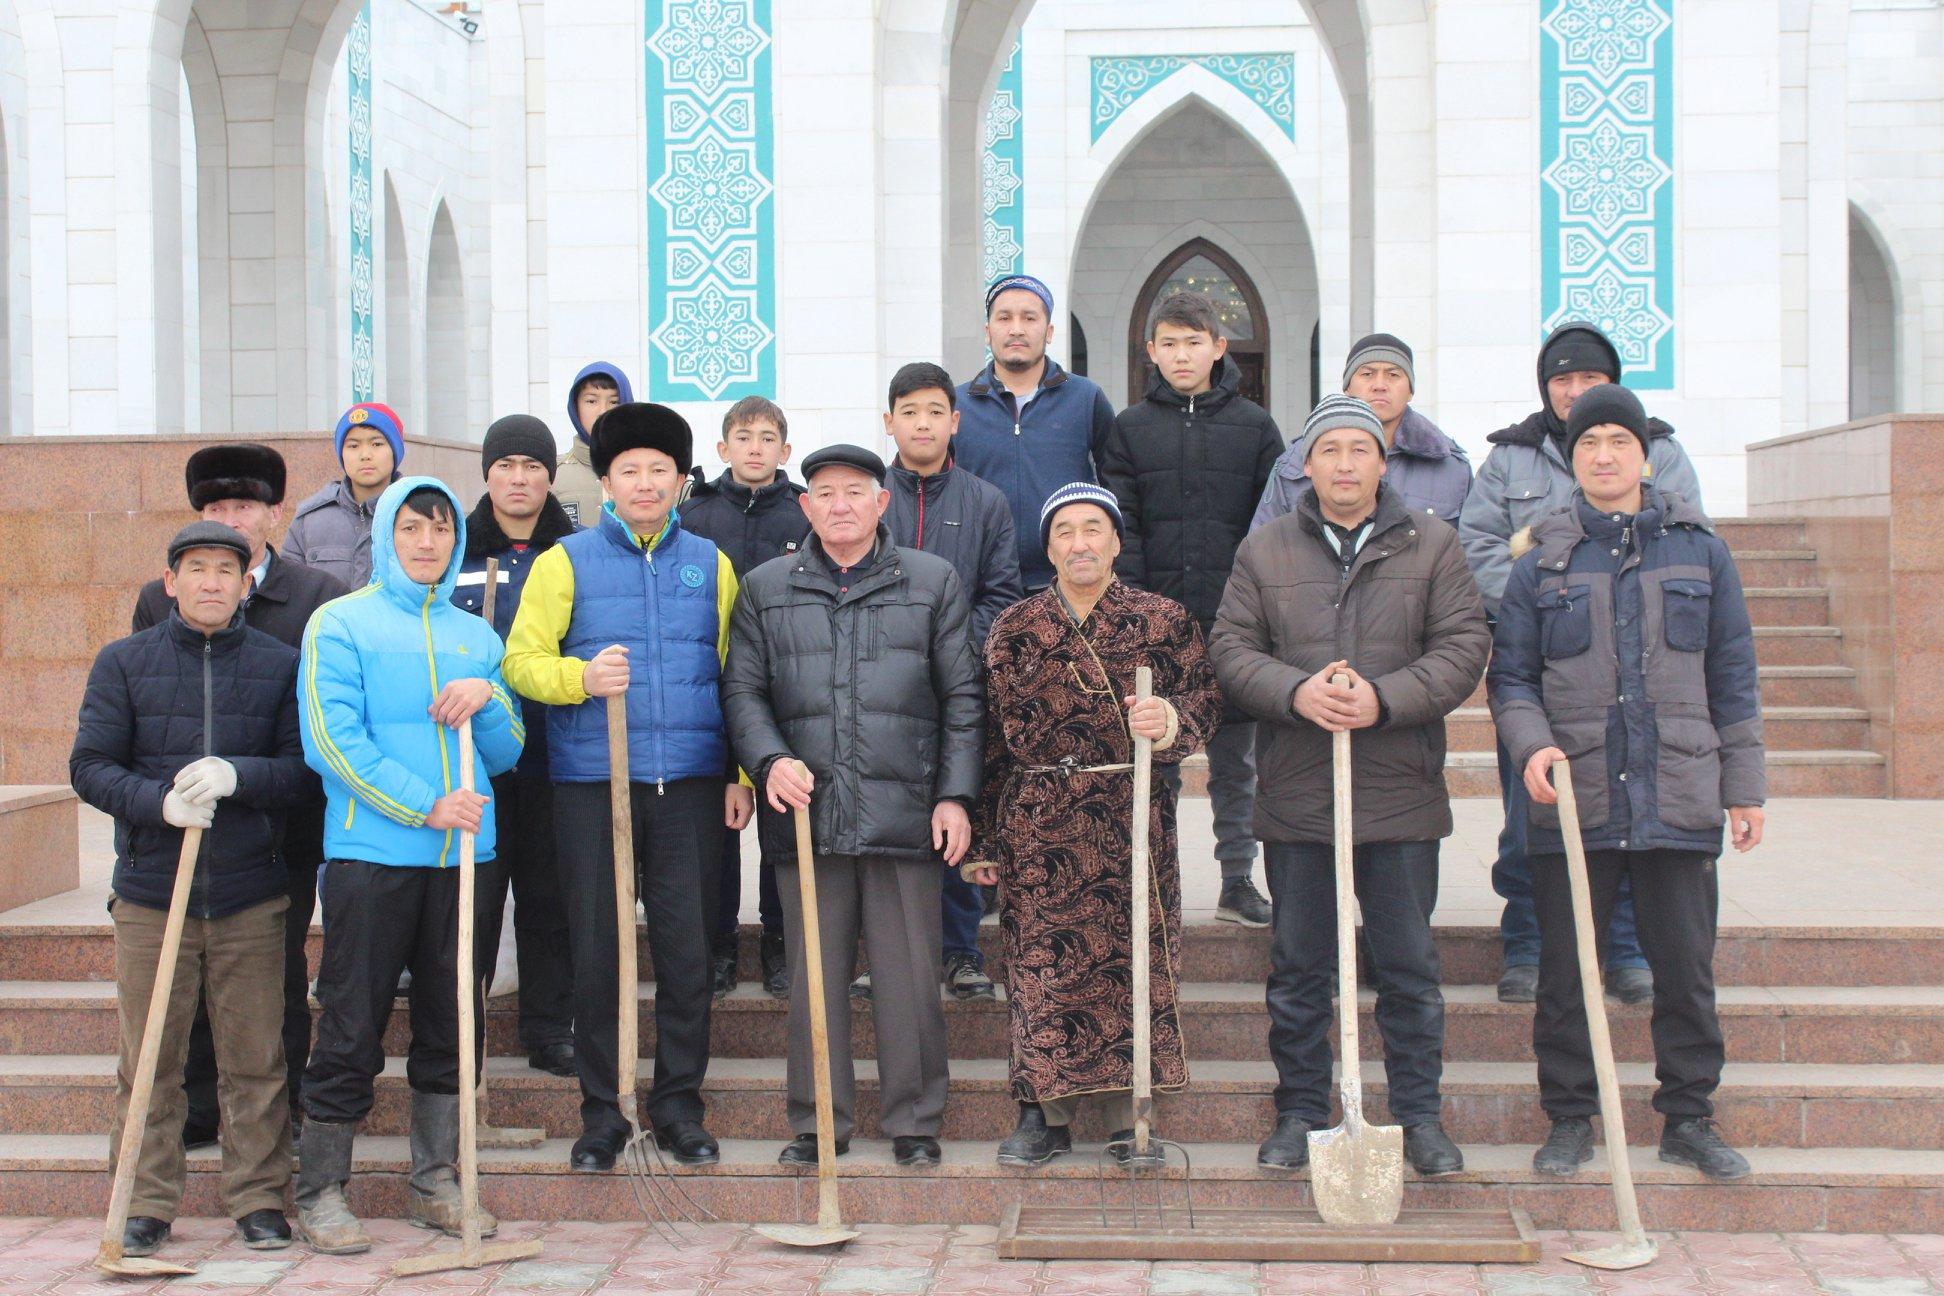 Түркістан облысында дін қызметкерлері тазалық жұмыстарын өткізіп жатыр